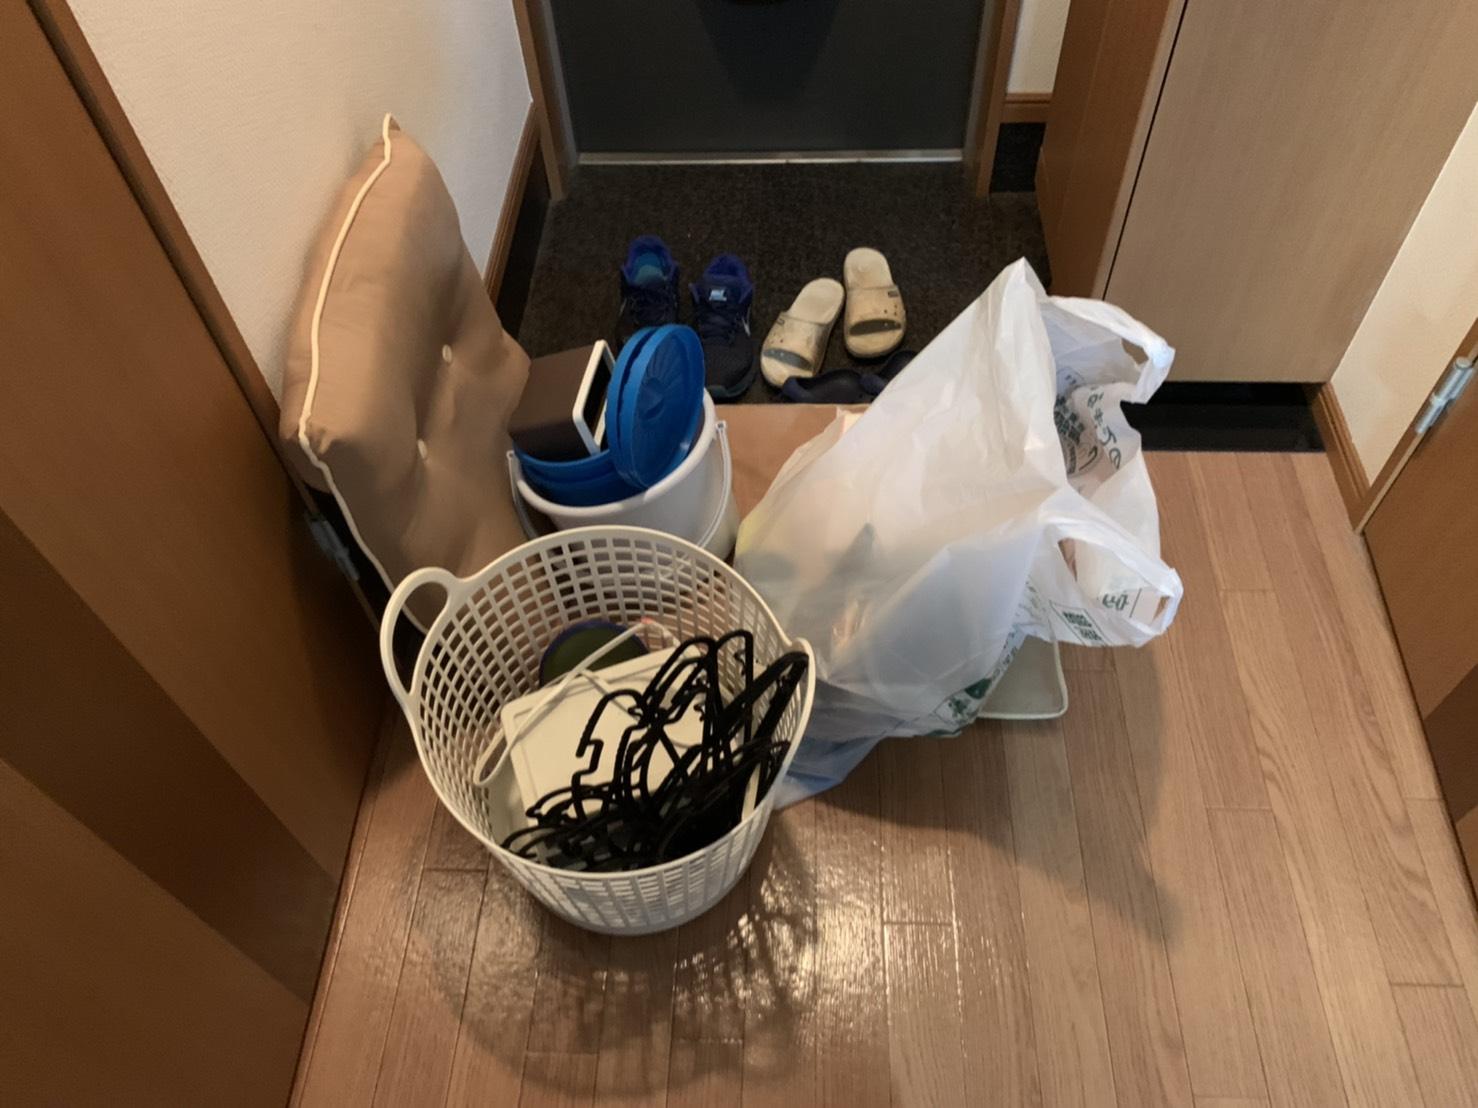 ランドリーバスケット、クッション、その他不用品の回収前